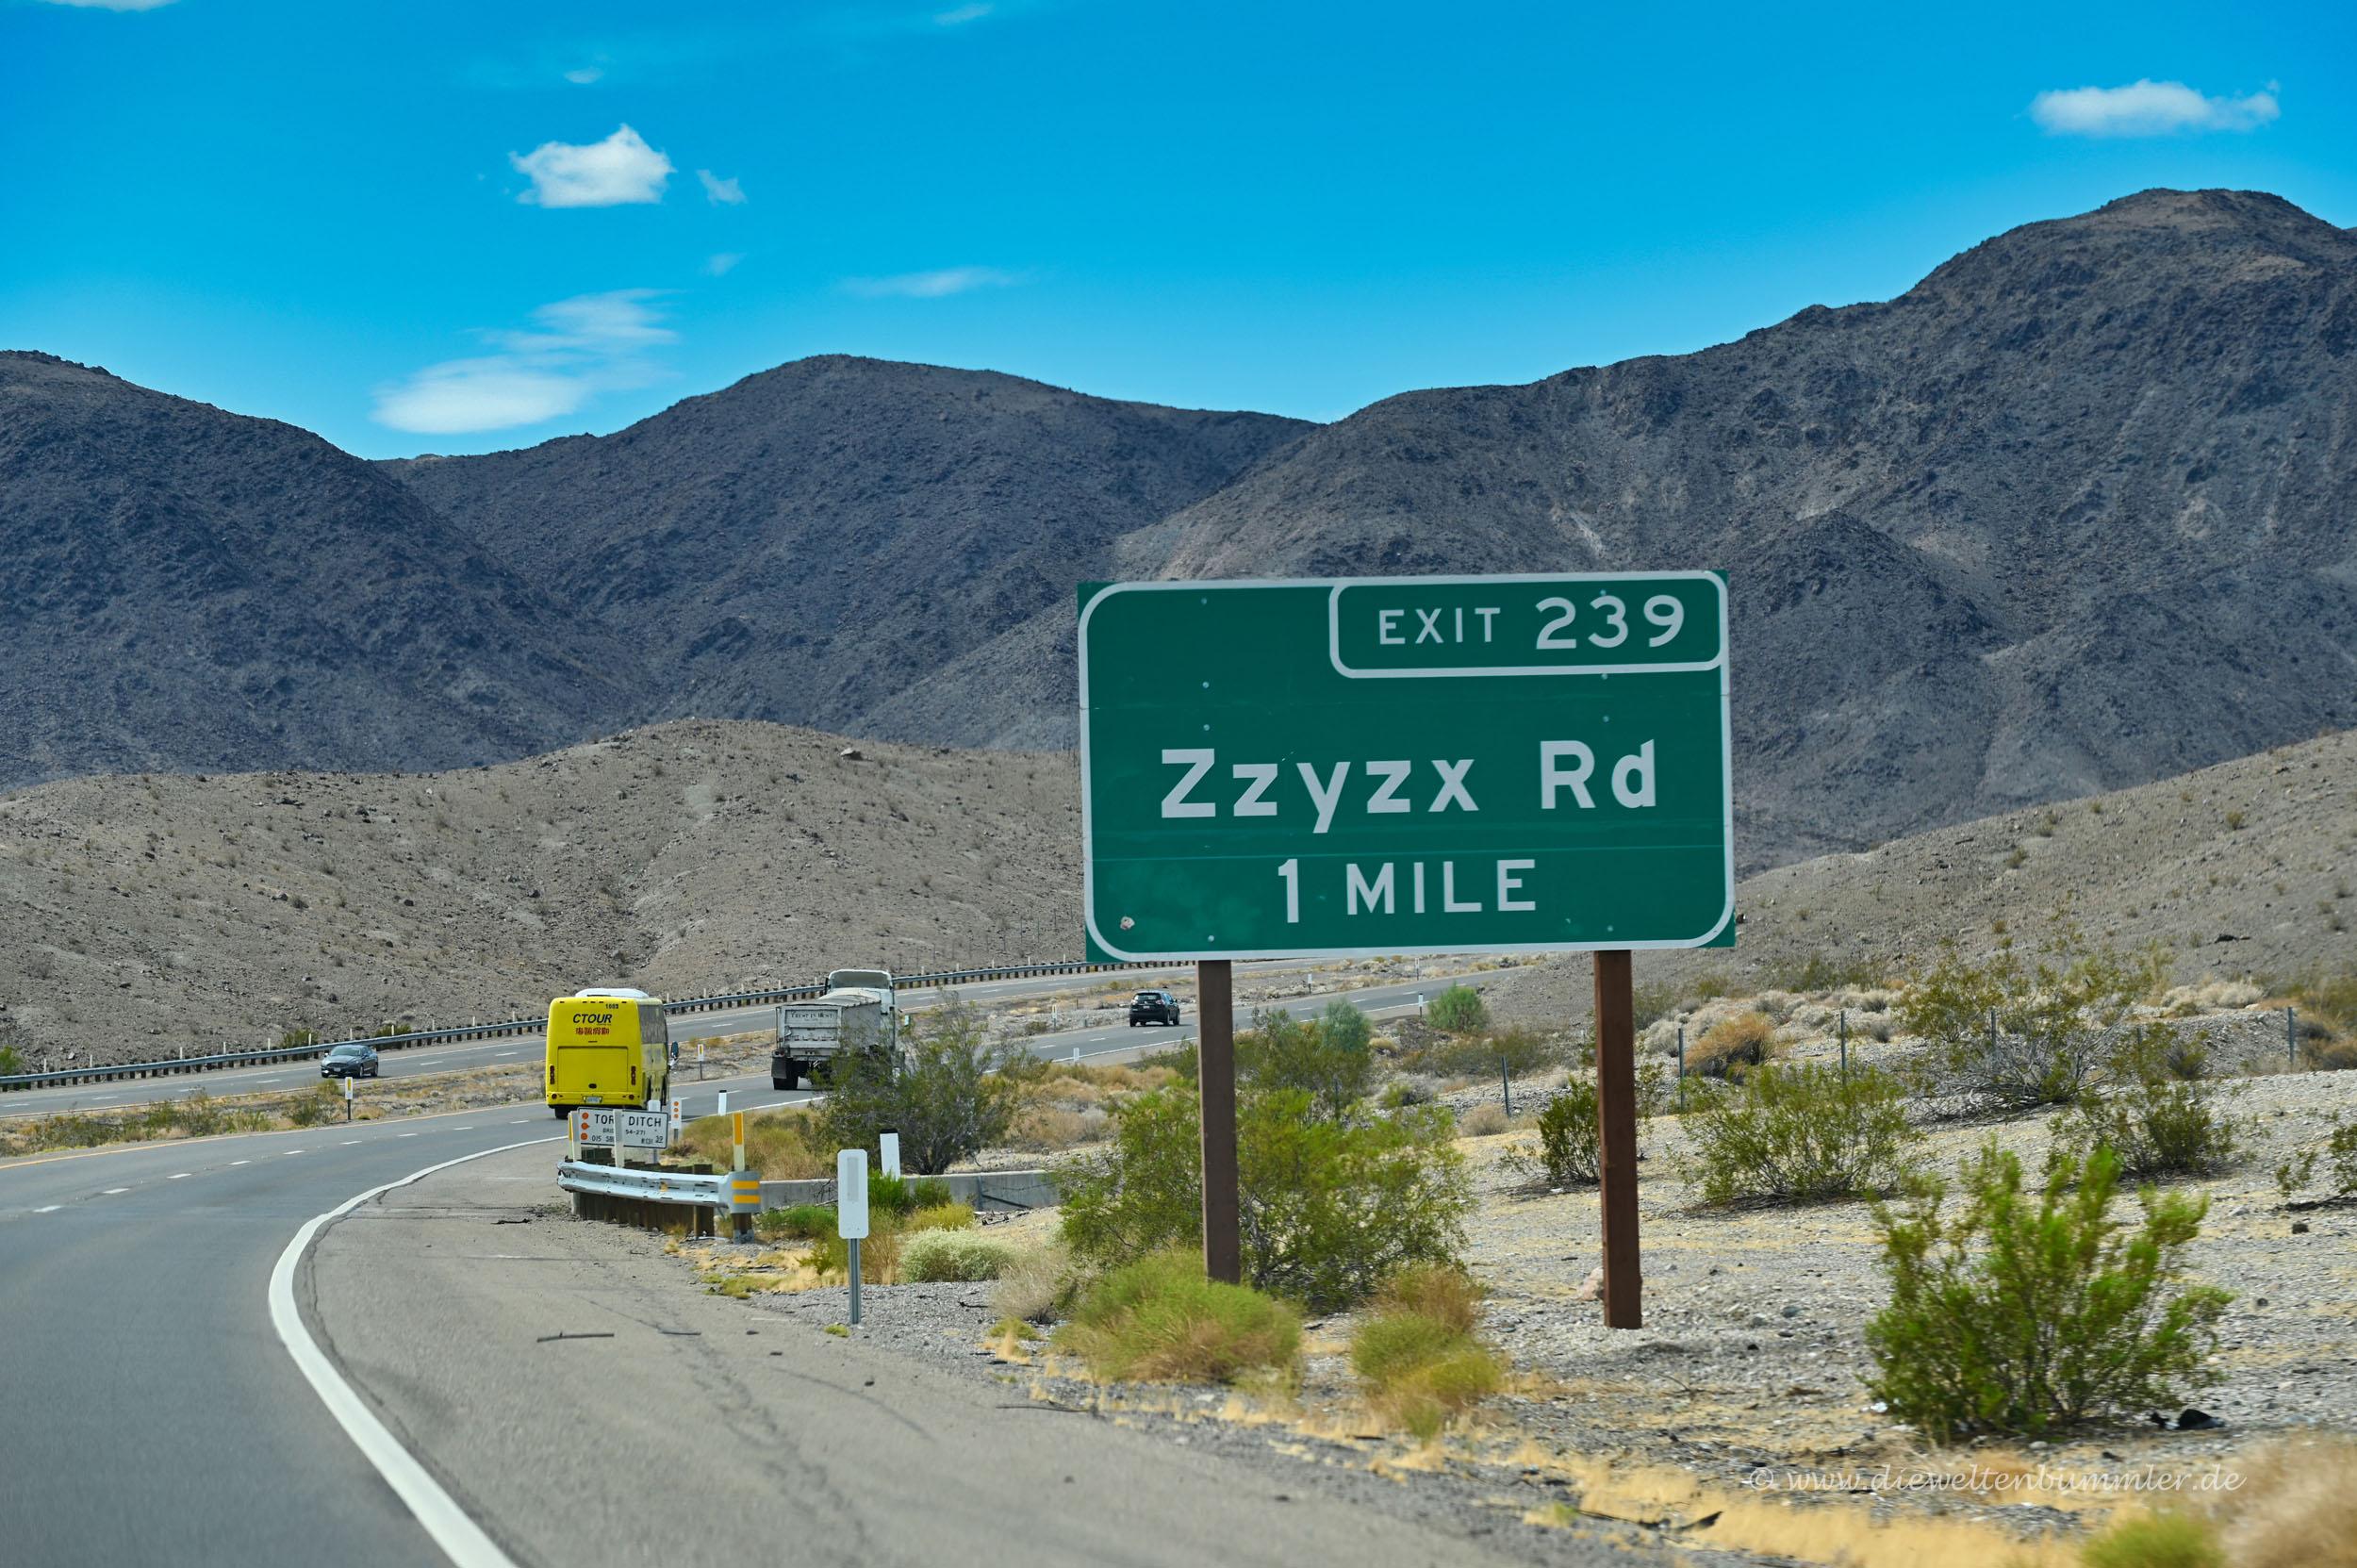 Die Ortschaft heißt wirklich Zzyzx